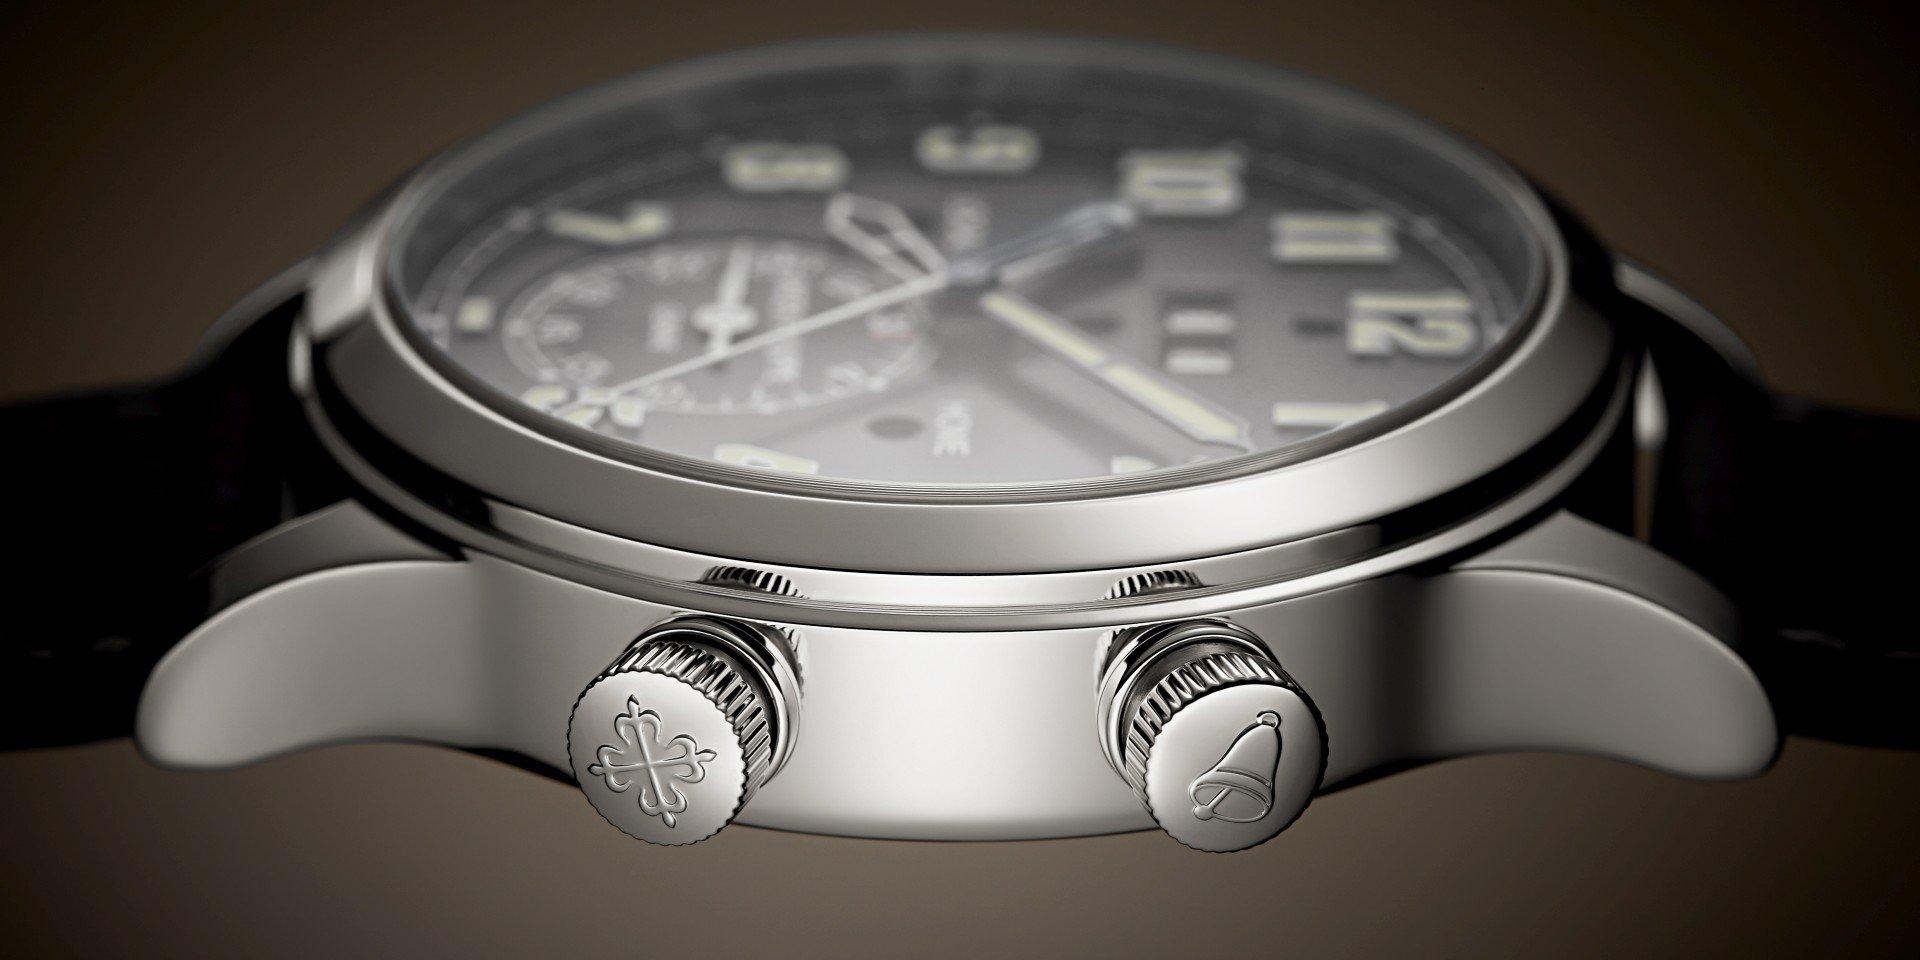 今年情人節送上這一支新款腕錶,保證讓懂錶的男人更愛妳(上)